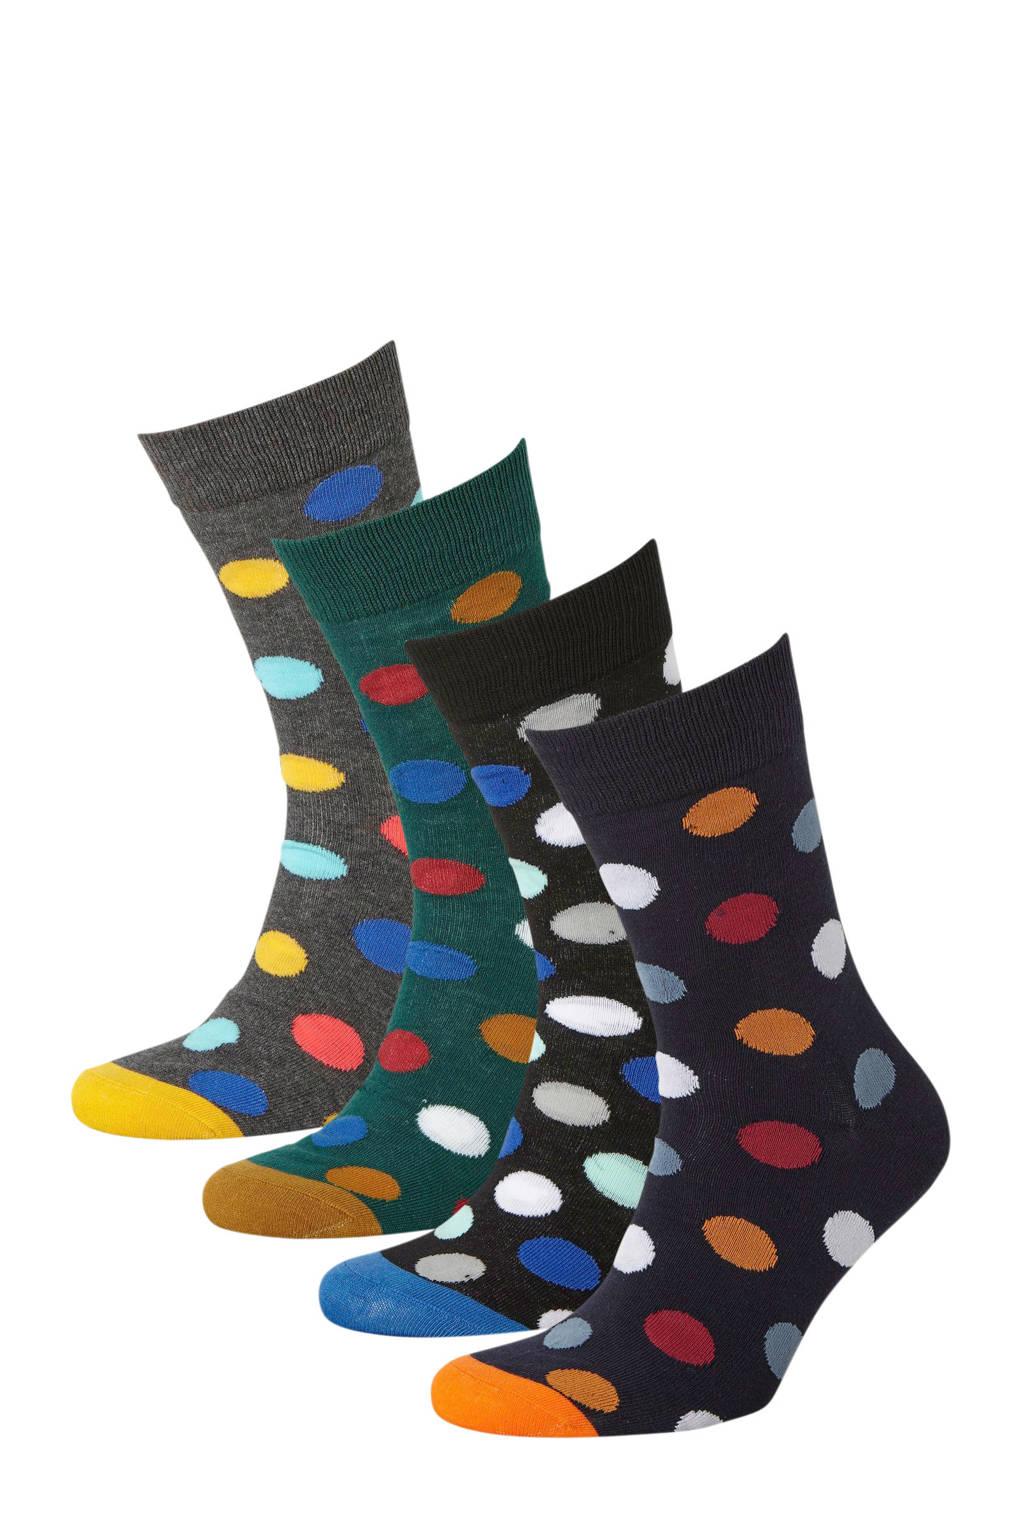 JACK & JONES sokken set van 4 paar, Grijs/multi